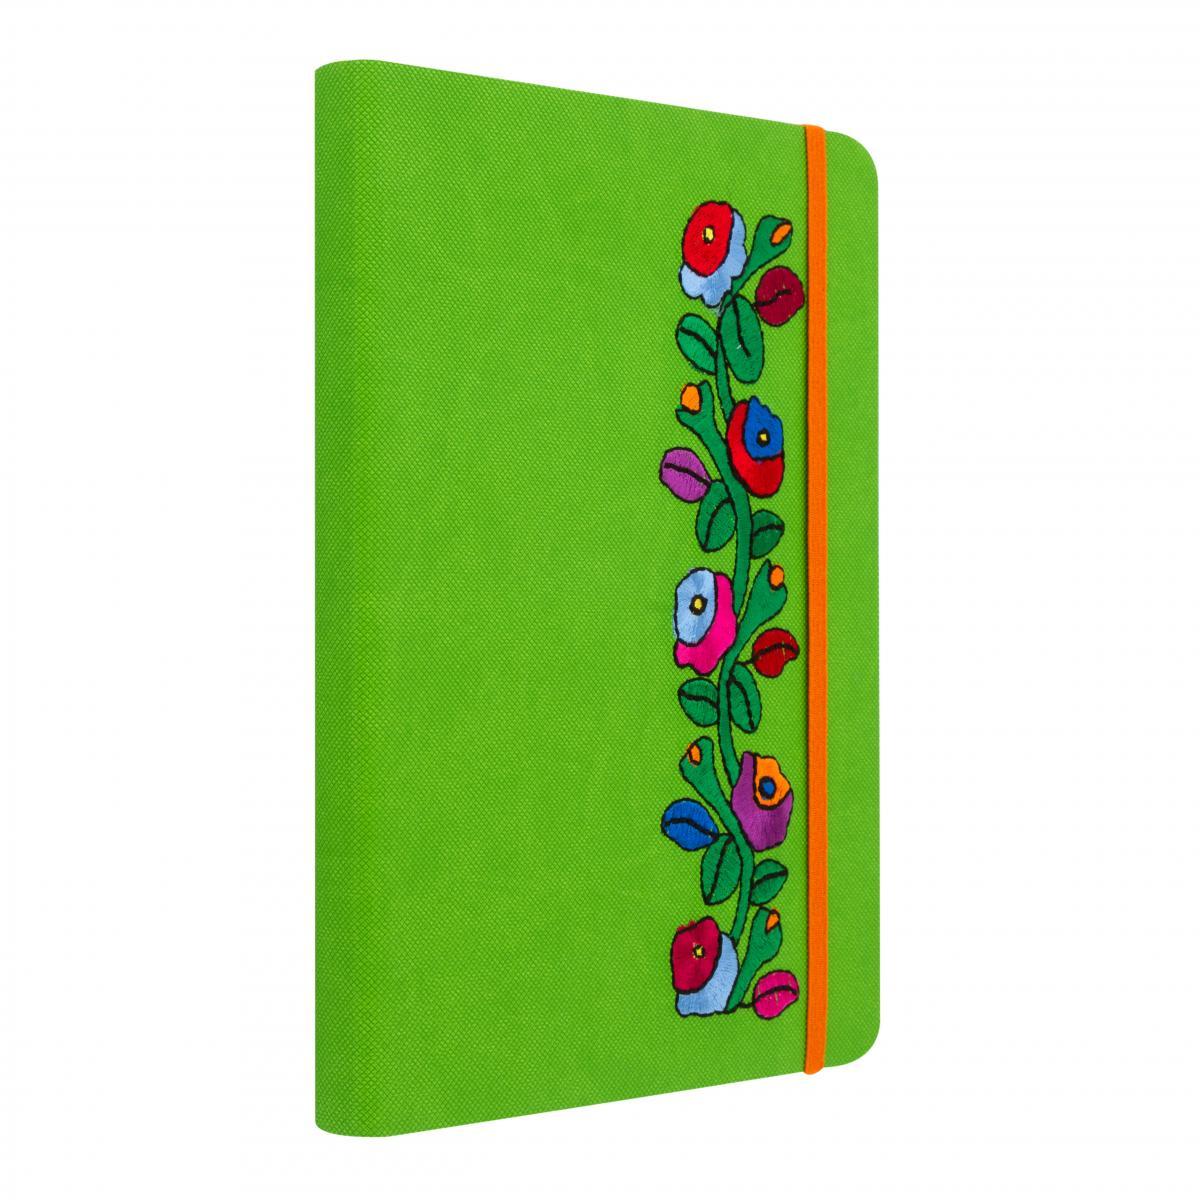 Зеленый блокнот с вышивкой. Фото №2. | Народный дом Украина